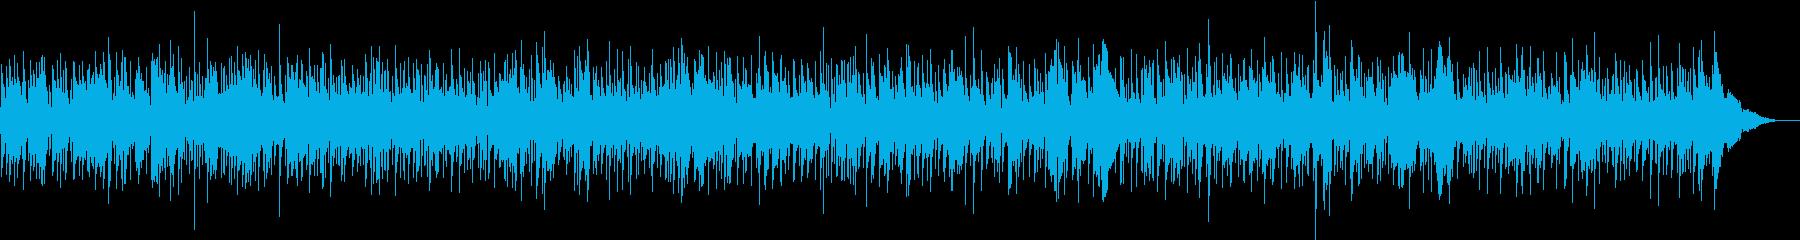 ほのぼのとしたハーモニカ中心のフォークの再生済みの波形